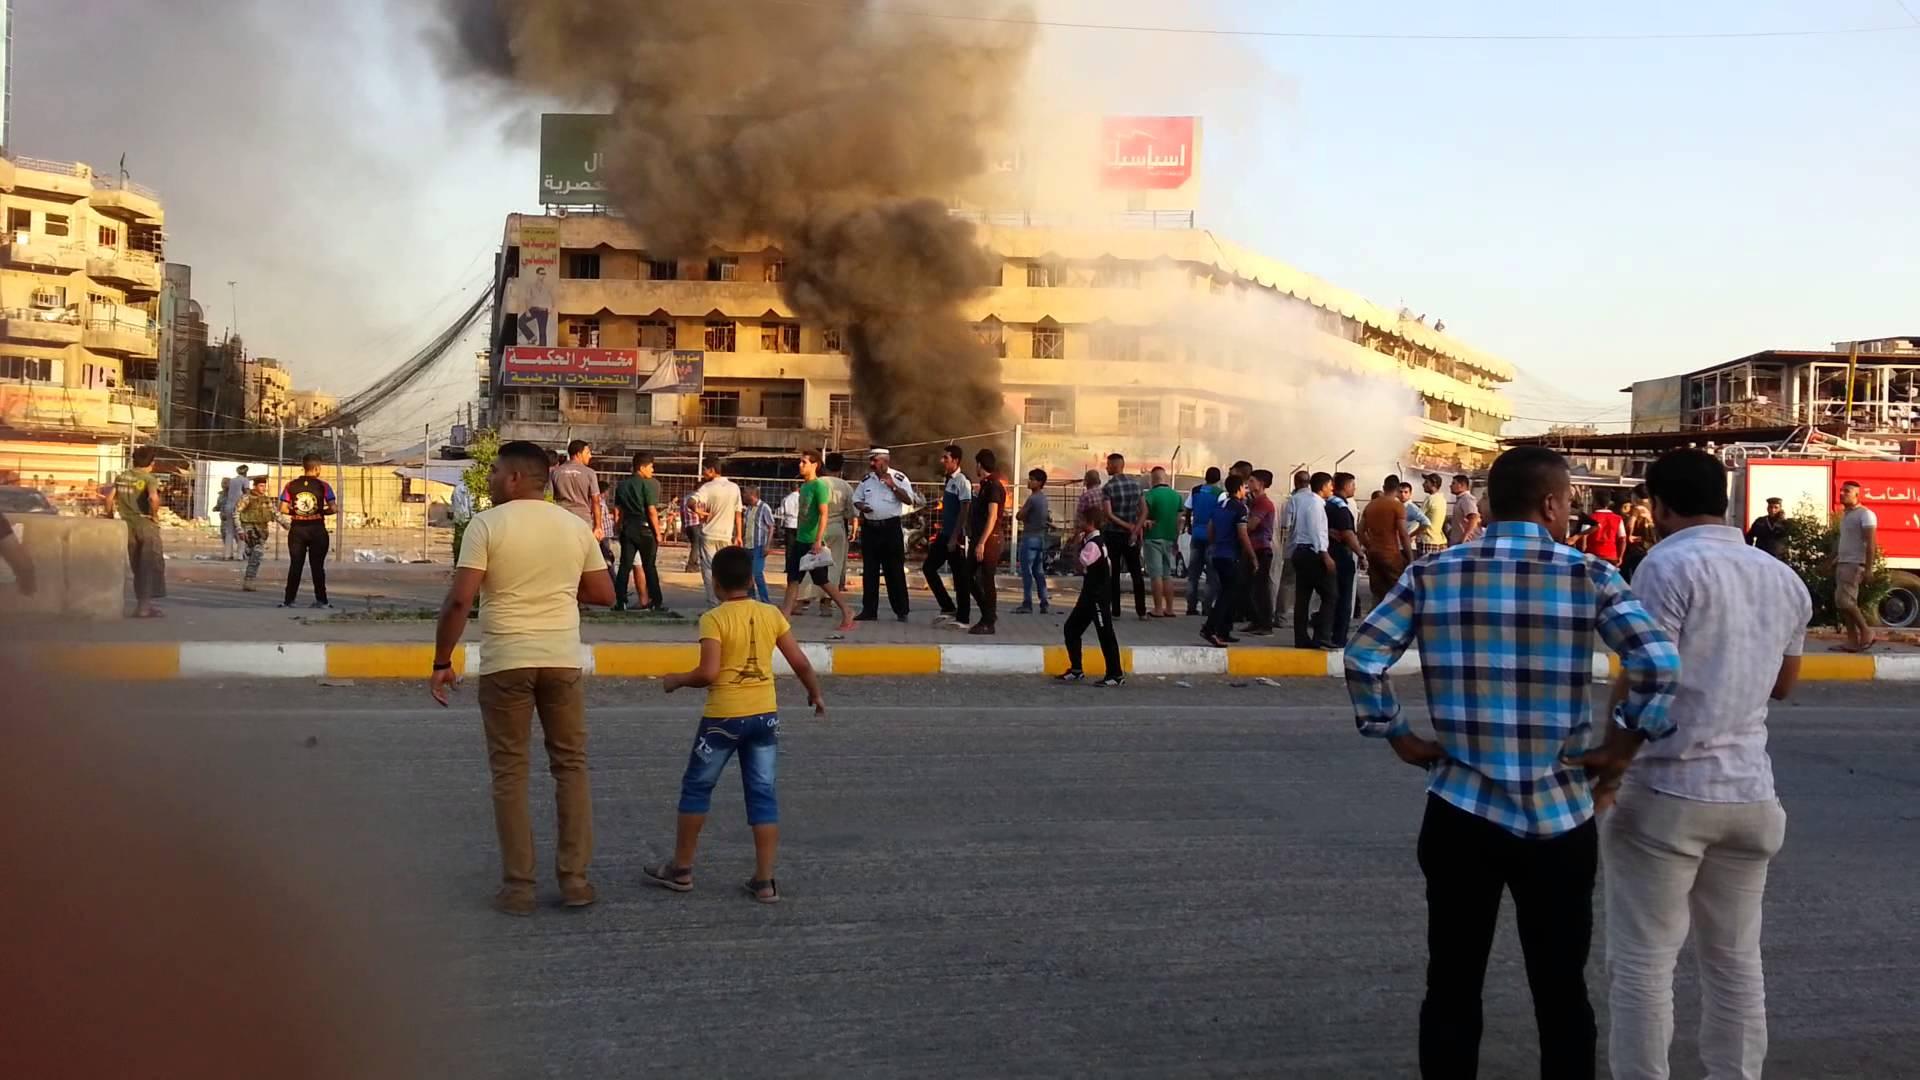 مقتل شخصين وإصابة تسعة آخرين بجروح مختلفة بانفجار عبوة ناسفة جنوبي بغداد